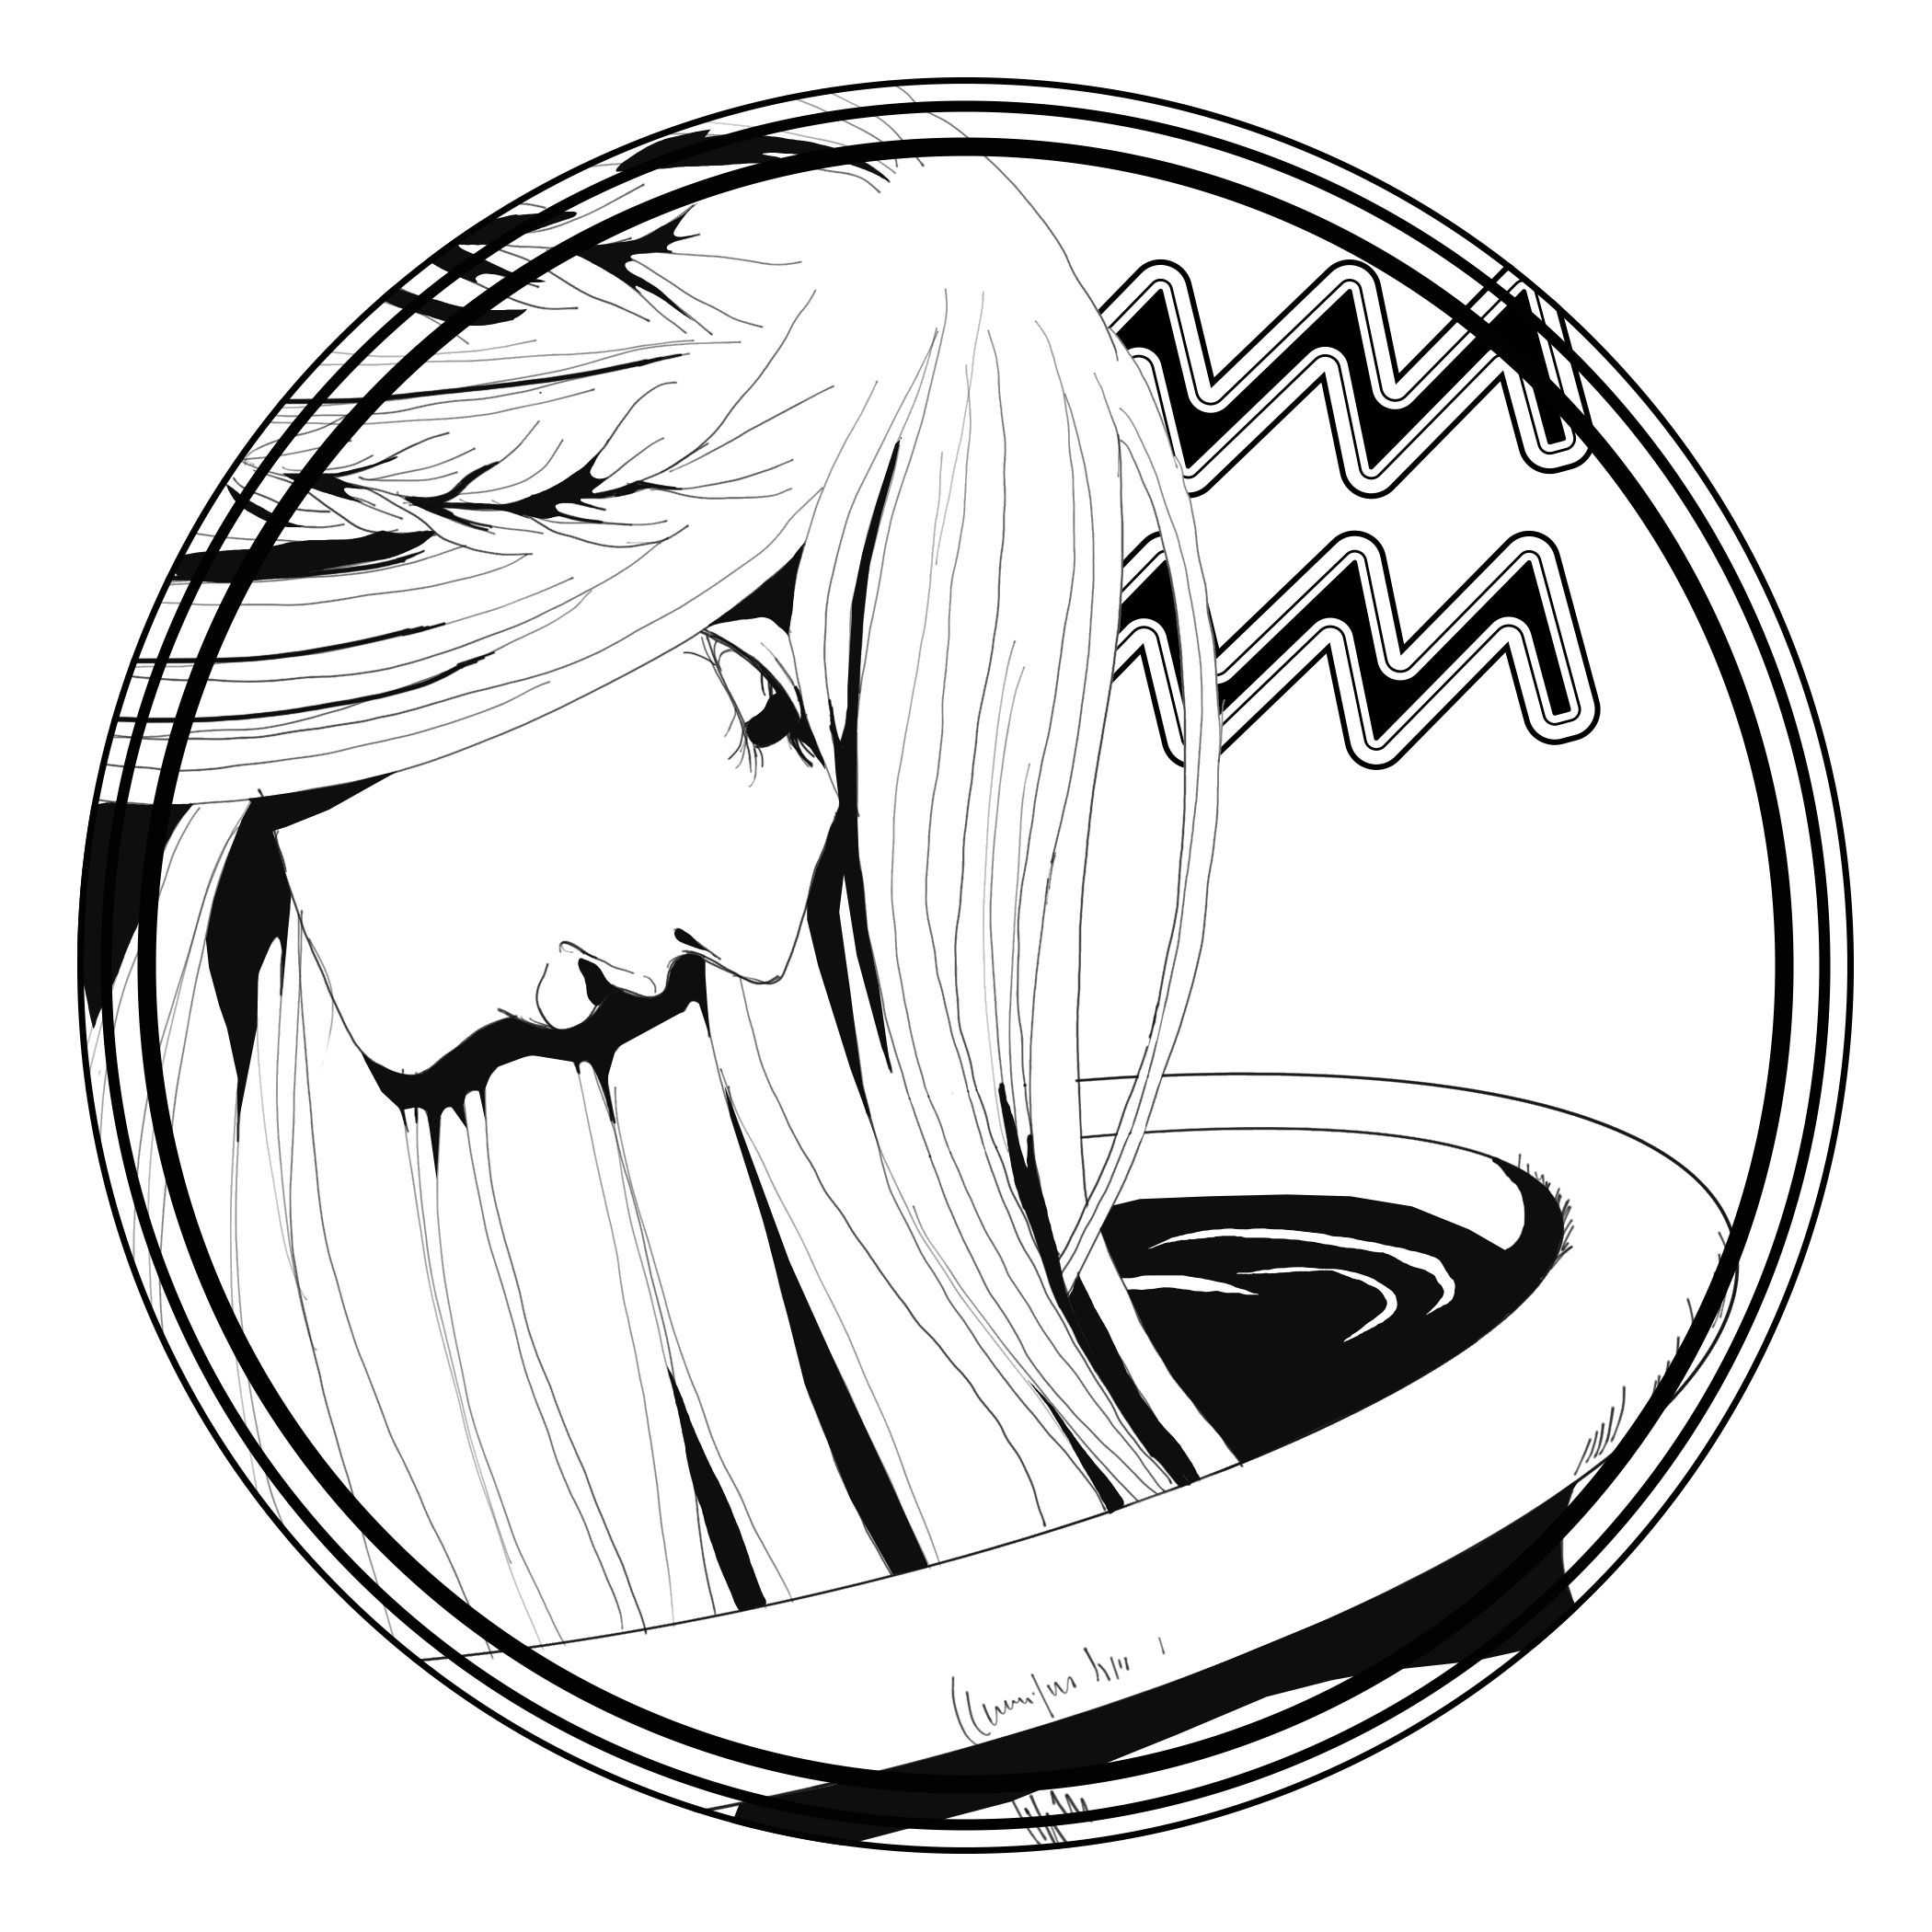 満月ヨガ.8/15過去の延長ではなく理想のあなたへ・水瓶座満月